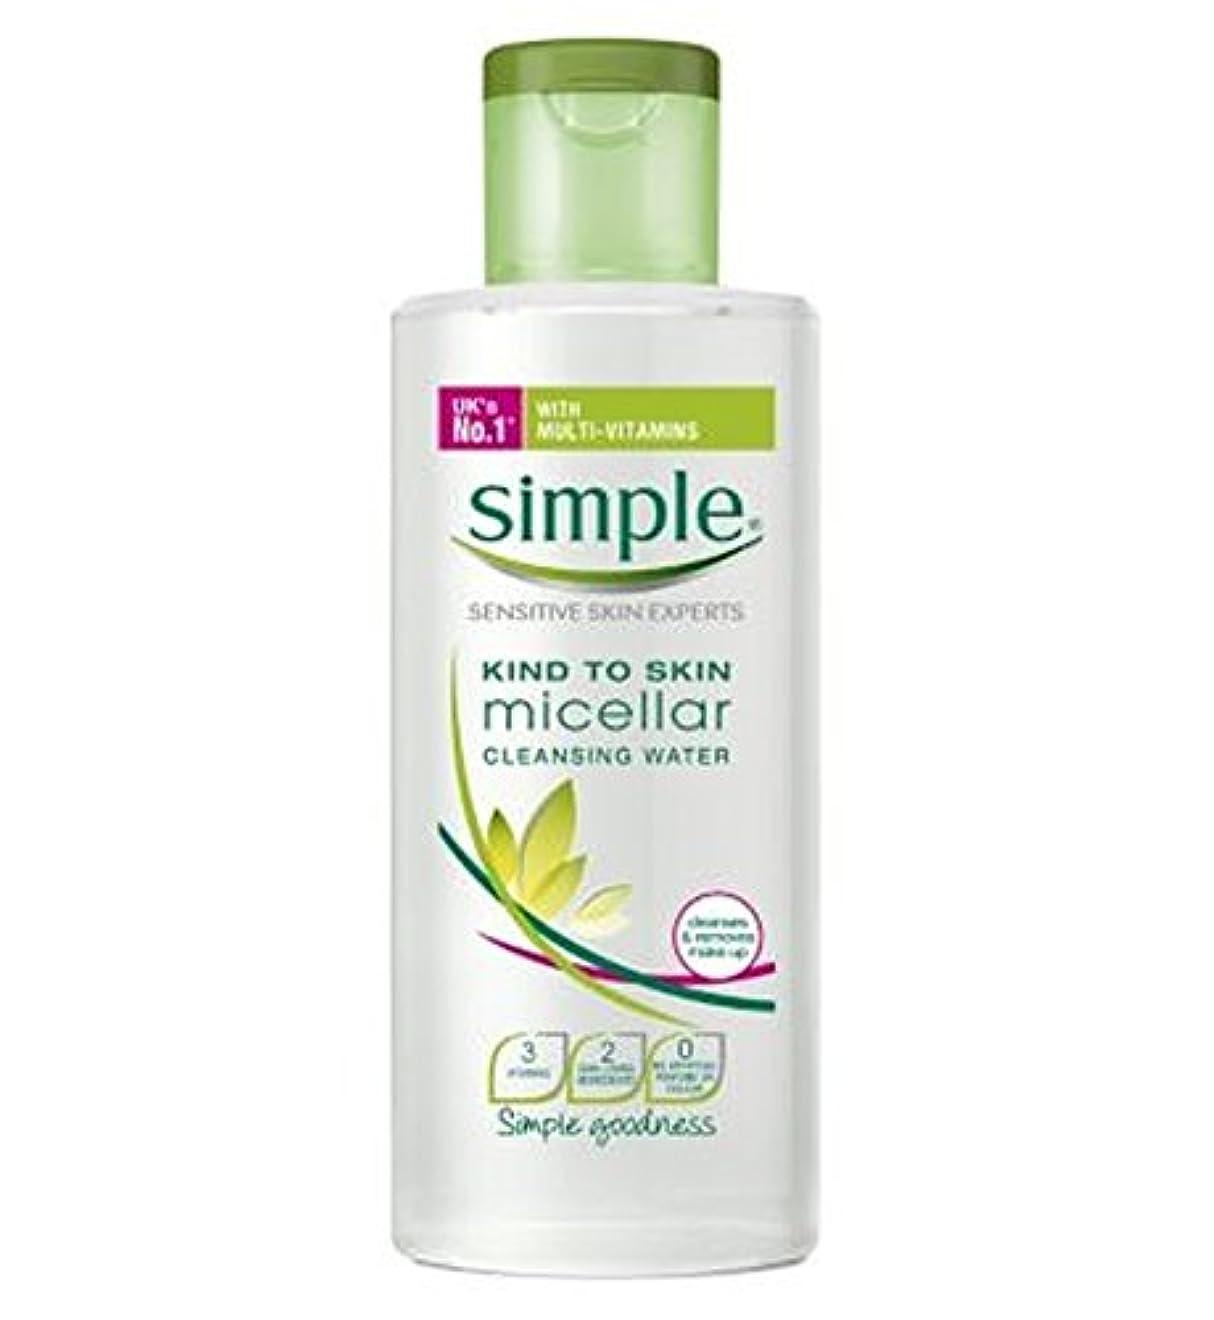 皮膚ミセル洗浄水200ミリリットルに簡単な種類 (Simple) (x2) - Simple Kind To Skin Micellar Cleansing Water 200ml (Pack of 2) [並行輸入品]